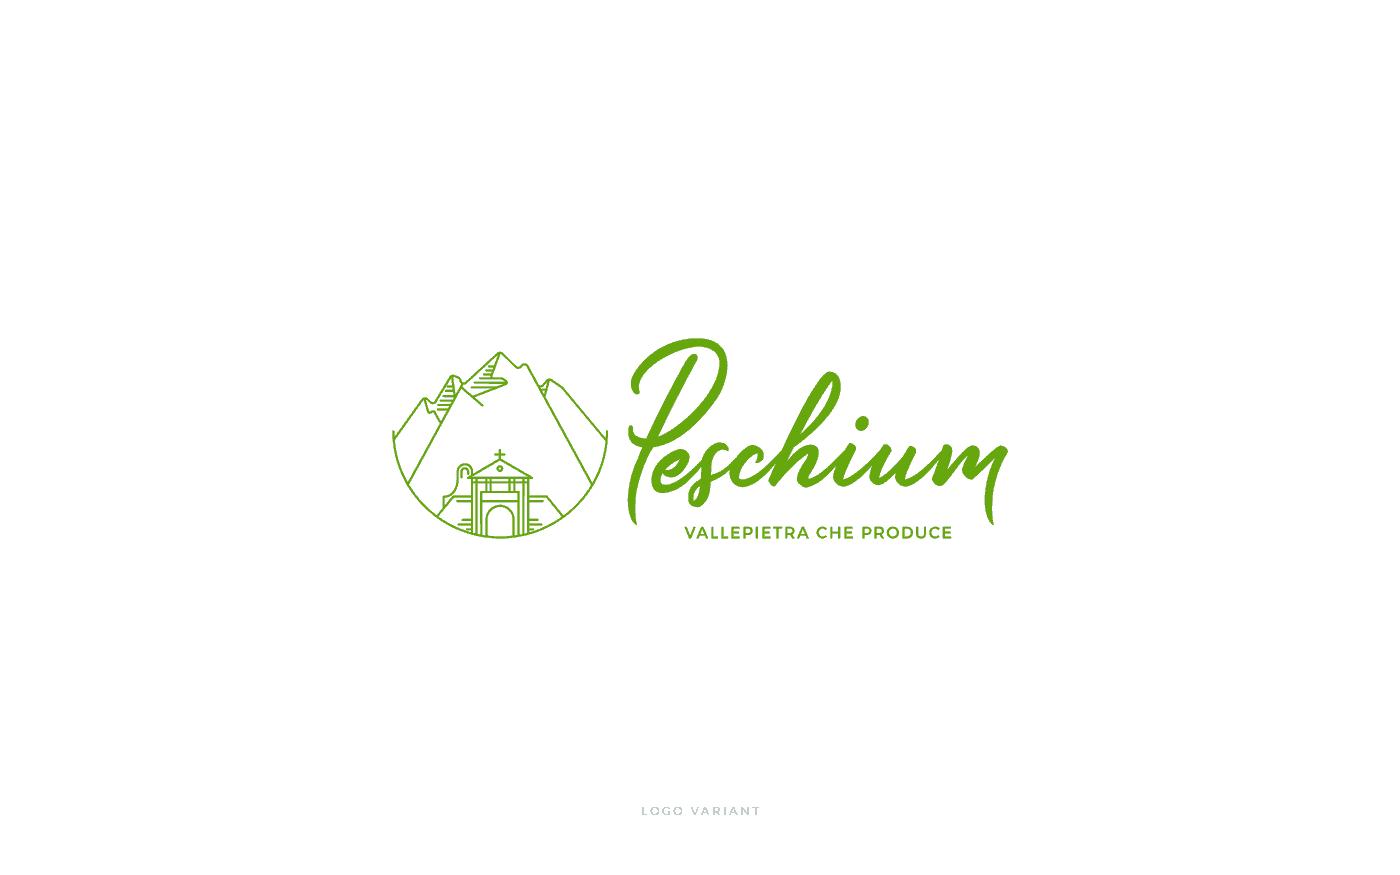 Peschium variante logo